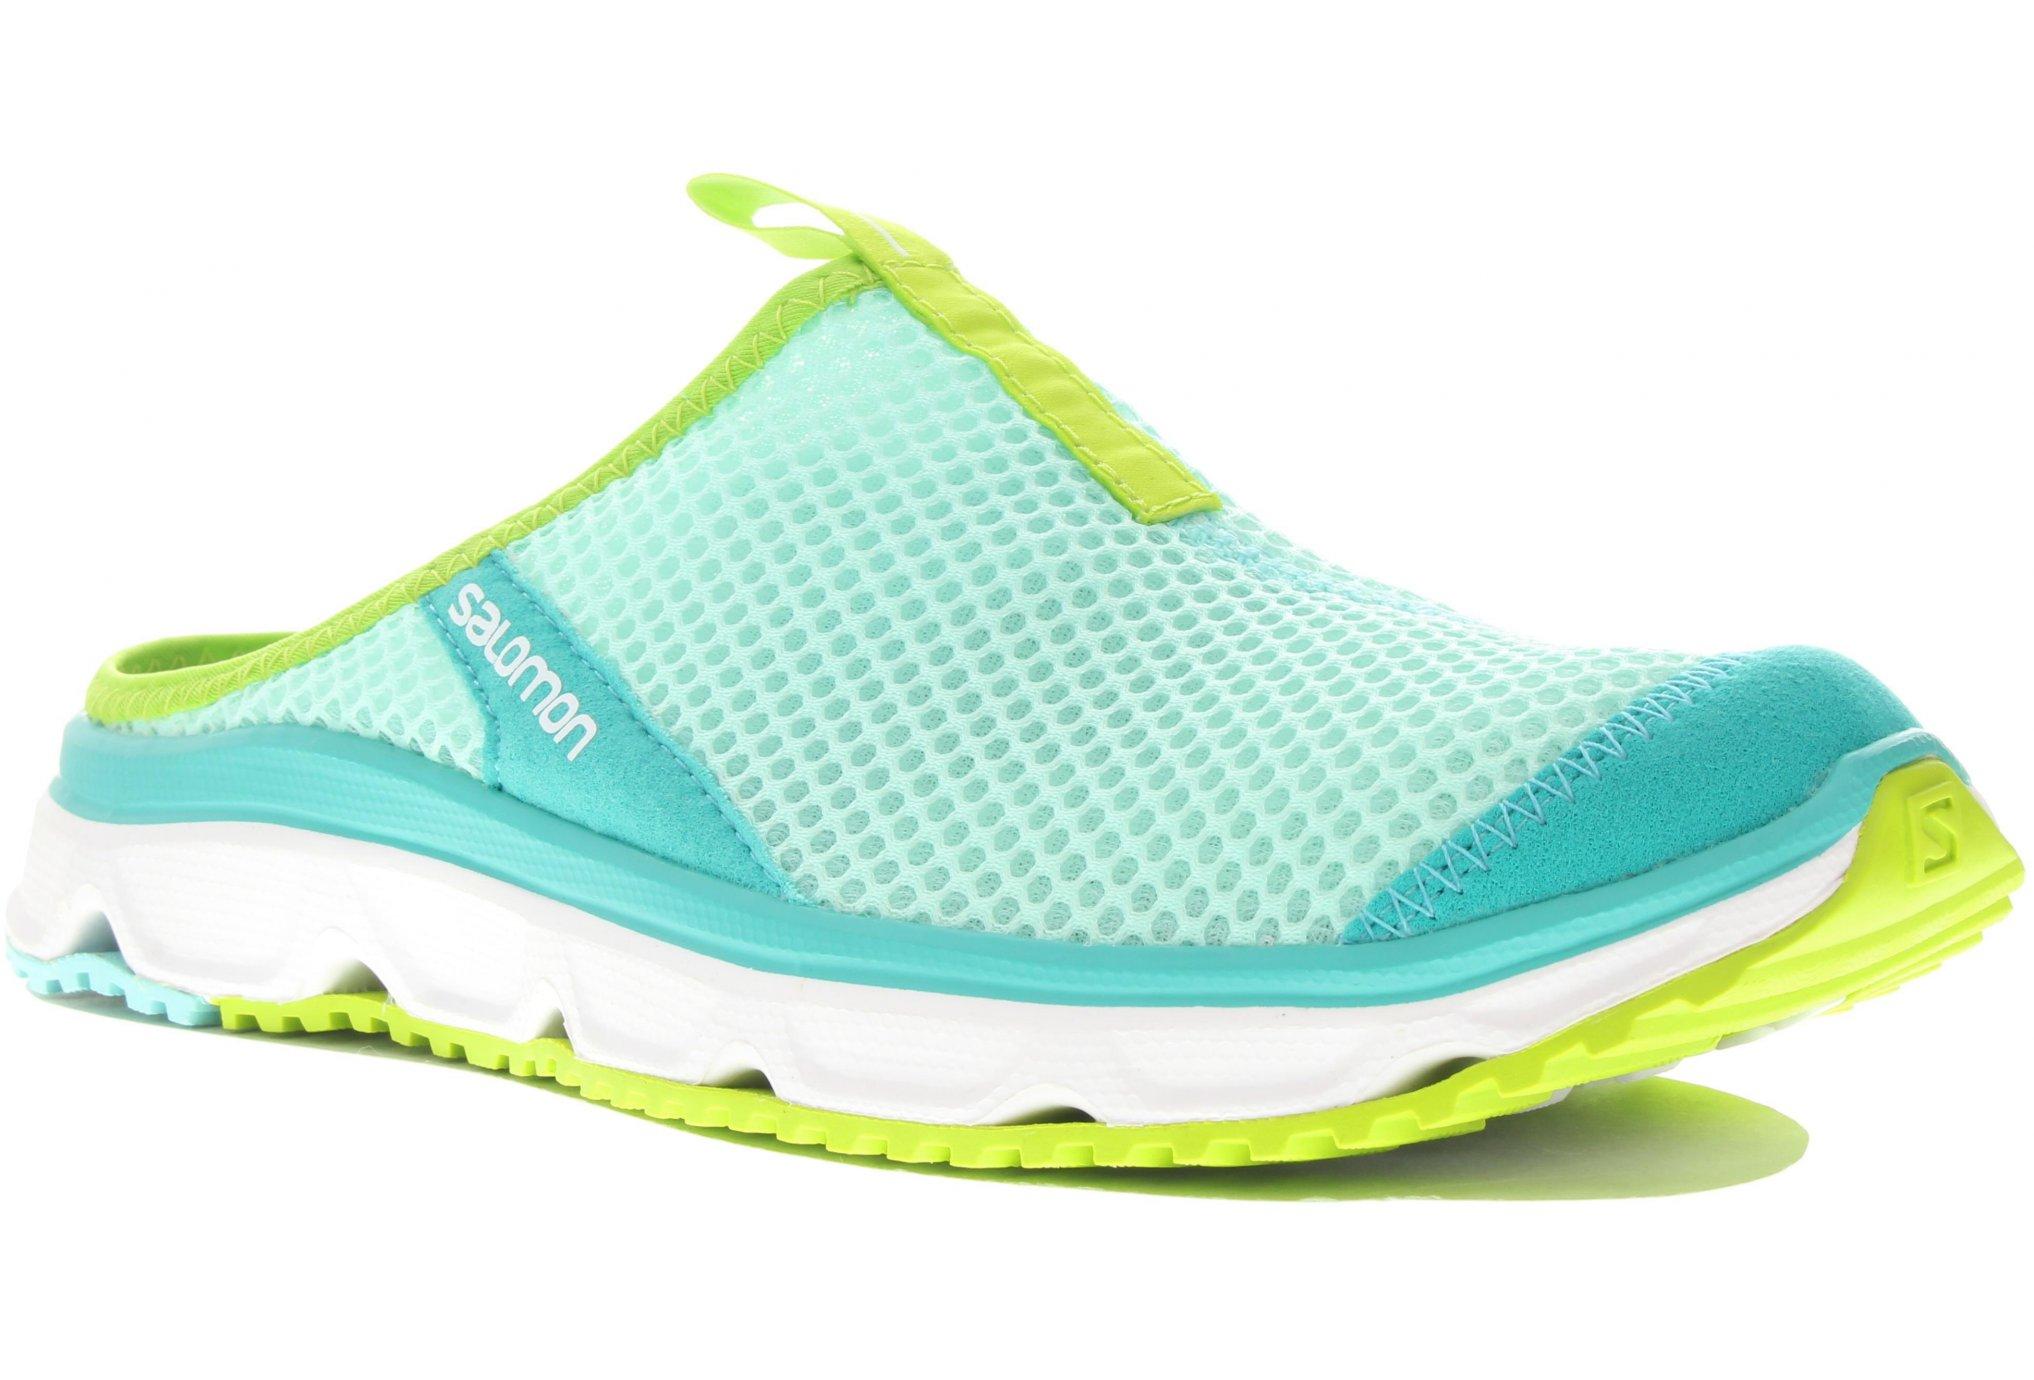 Salomon rx slide 3.0 w chaussures running femme